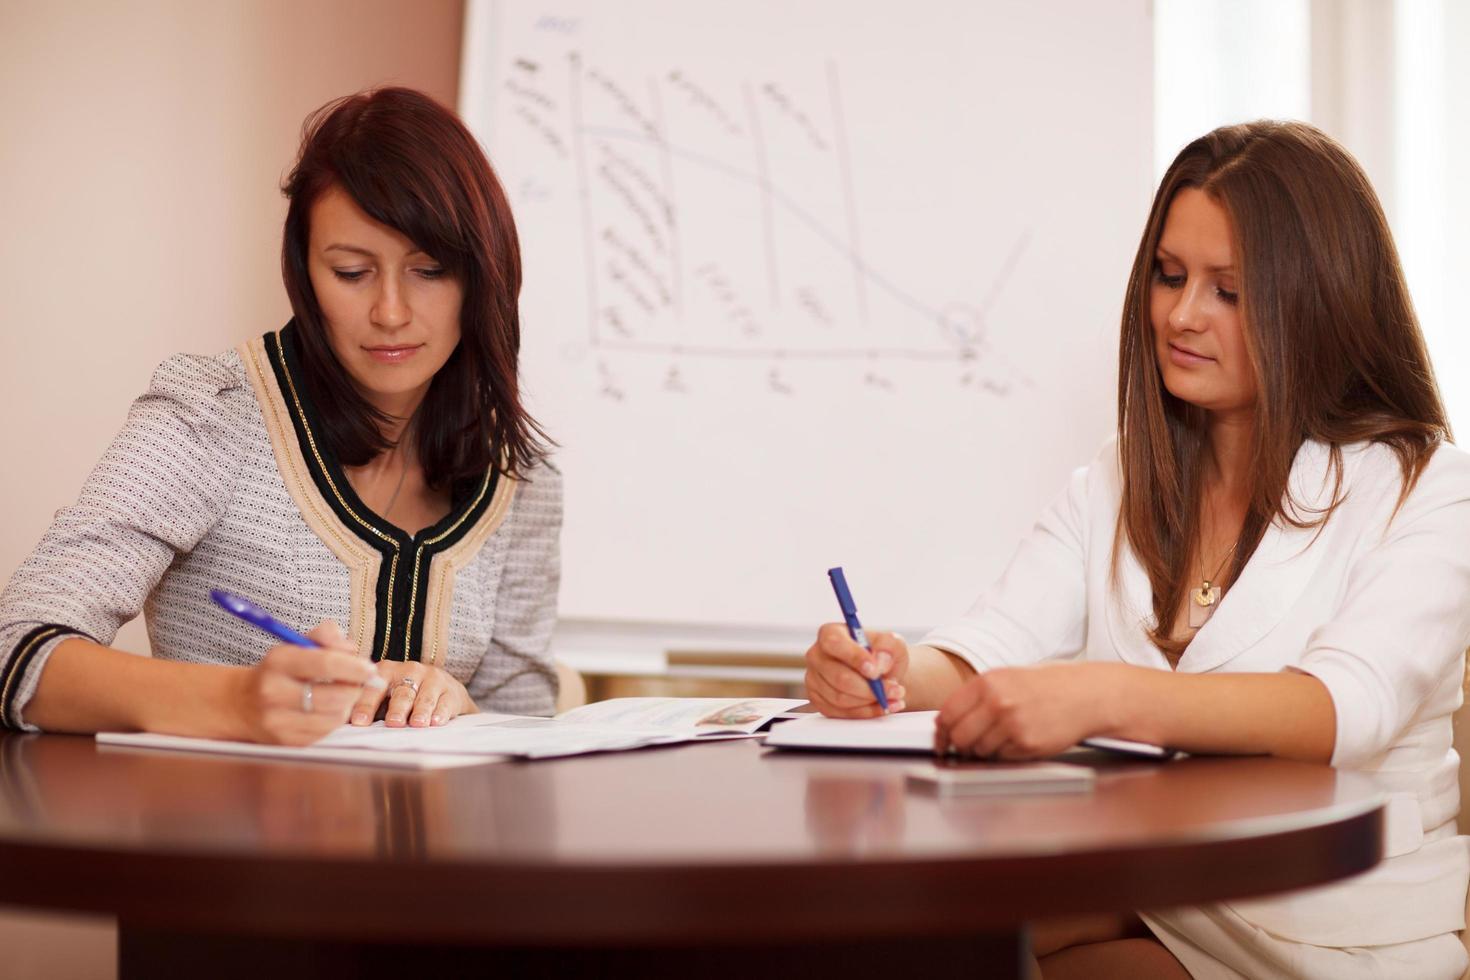 deux femmes prenant des notes lors d'une présentation commerciale photo